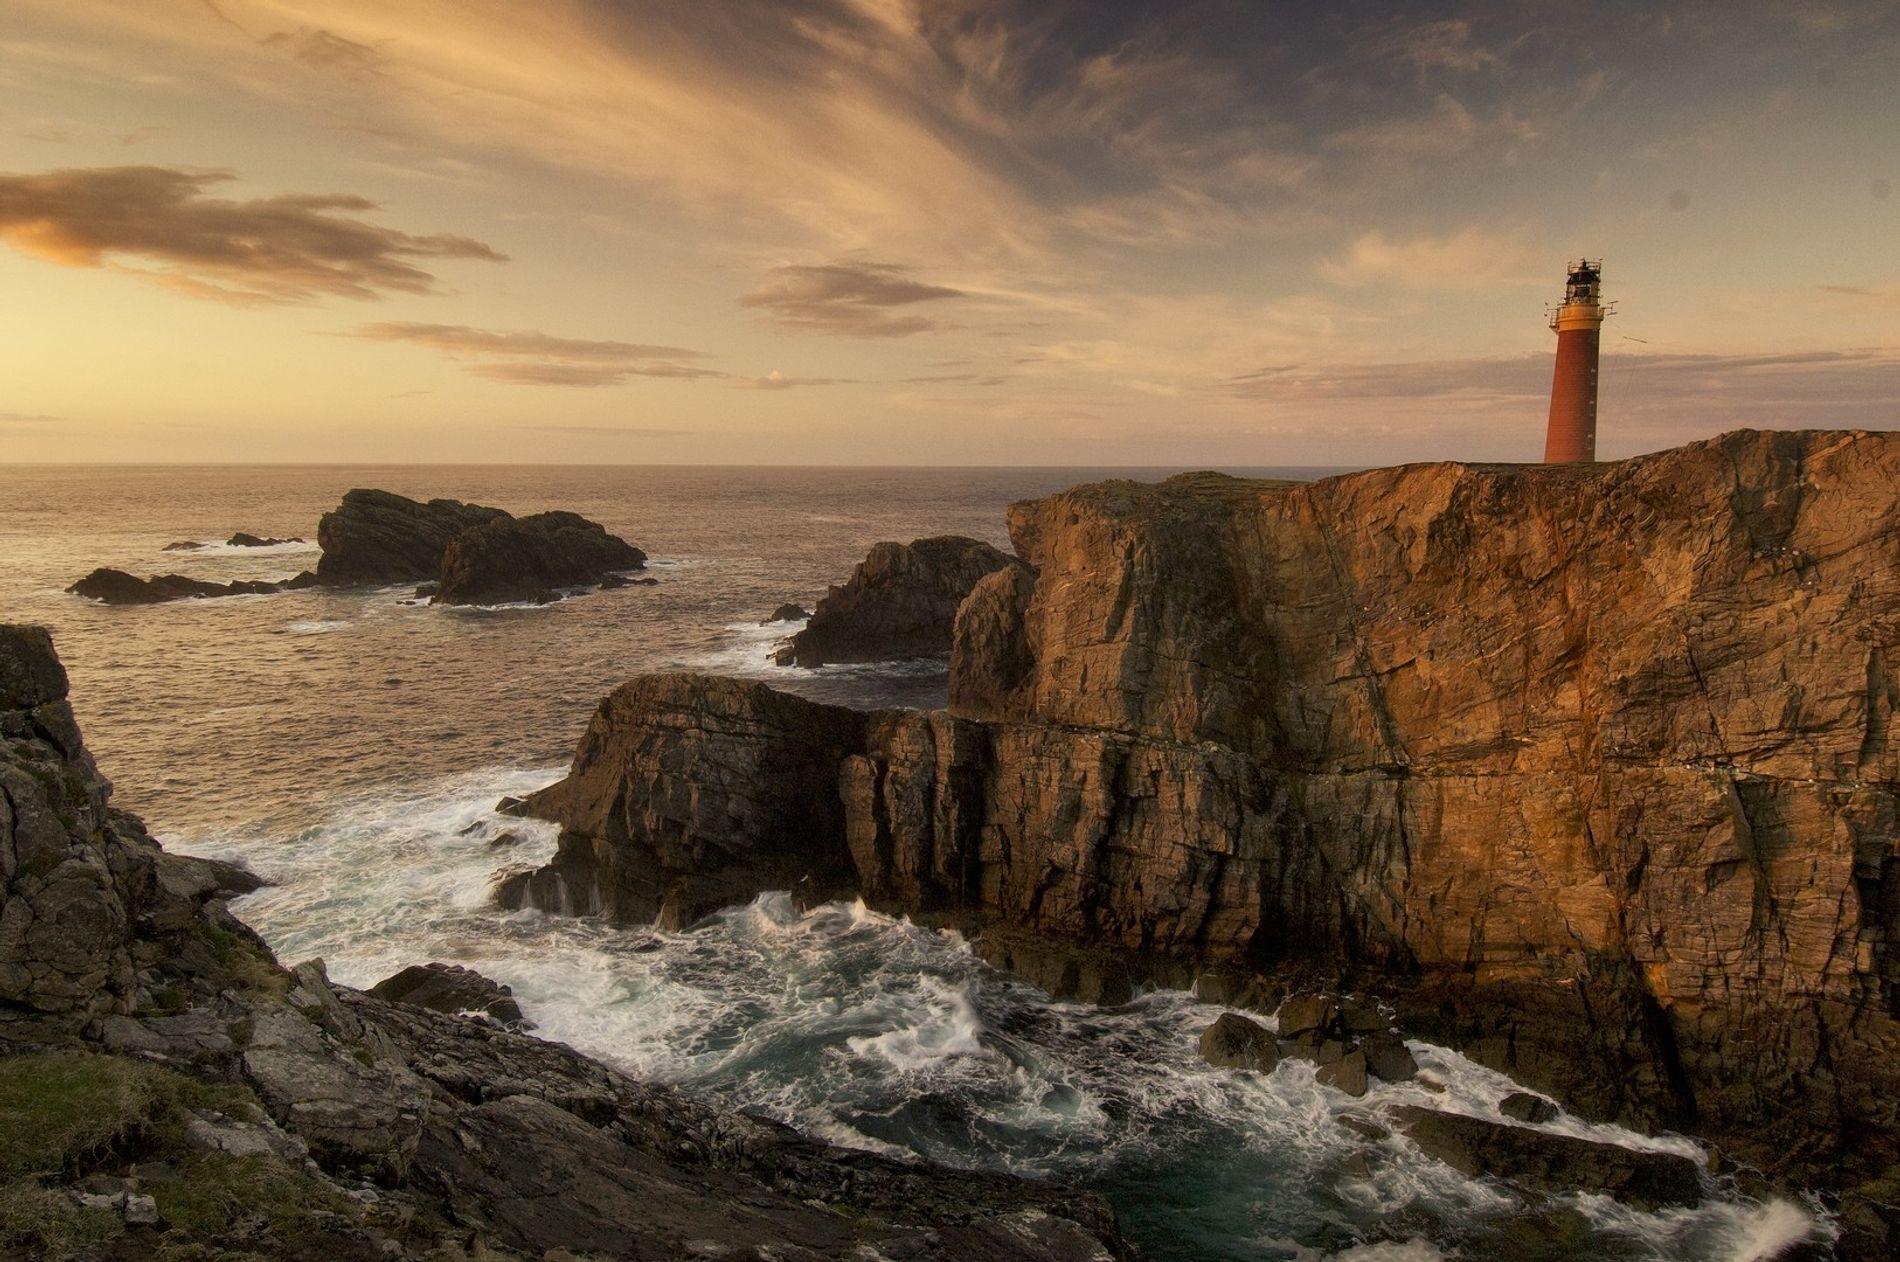 Die Wellen brechen sich am Butt of Lewis auf der Insel Lewis. Dies ist der nördlichste Punkt der Äußeren Hebriden – den man nur mit der Fähre von Ullapool (ca. 75 Kilometer nordwestlich von Inverness) auf dem Festland erreicht, oder wenn man von Skye nach Harris und dann weiter nach Norden reist.